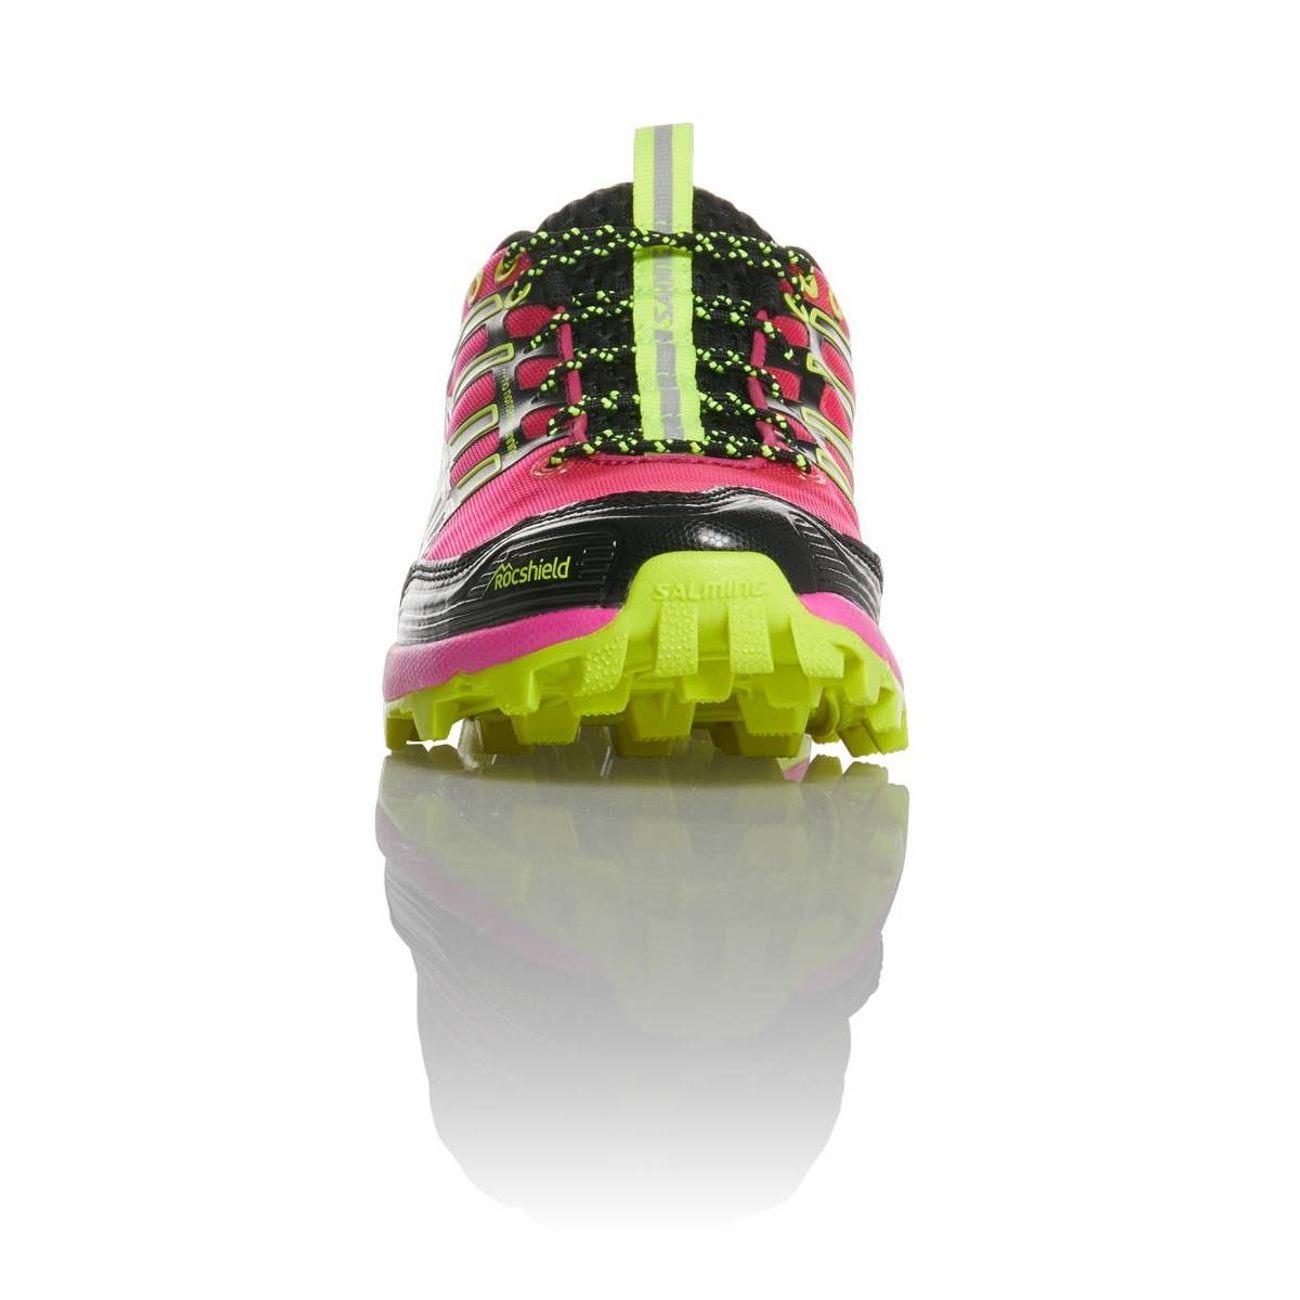 Chaussures Femme À De Course Salming Elements Pied Trail T1lKcFJ